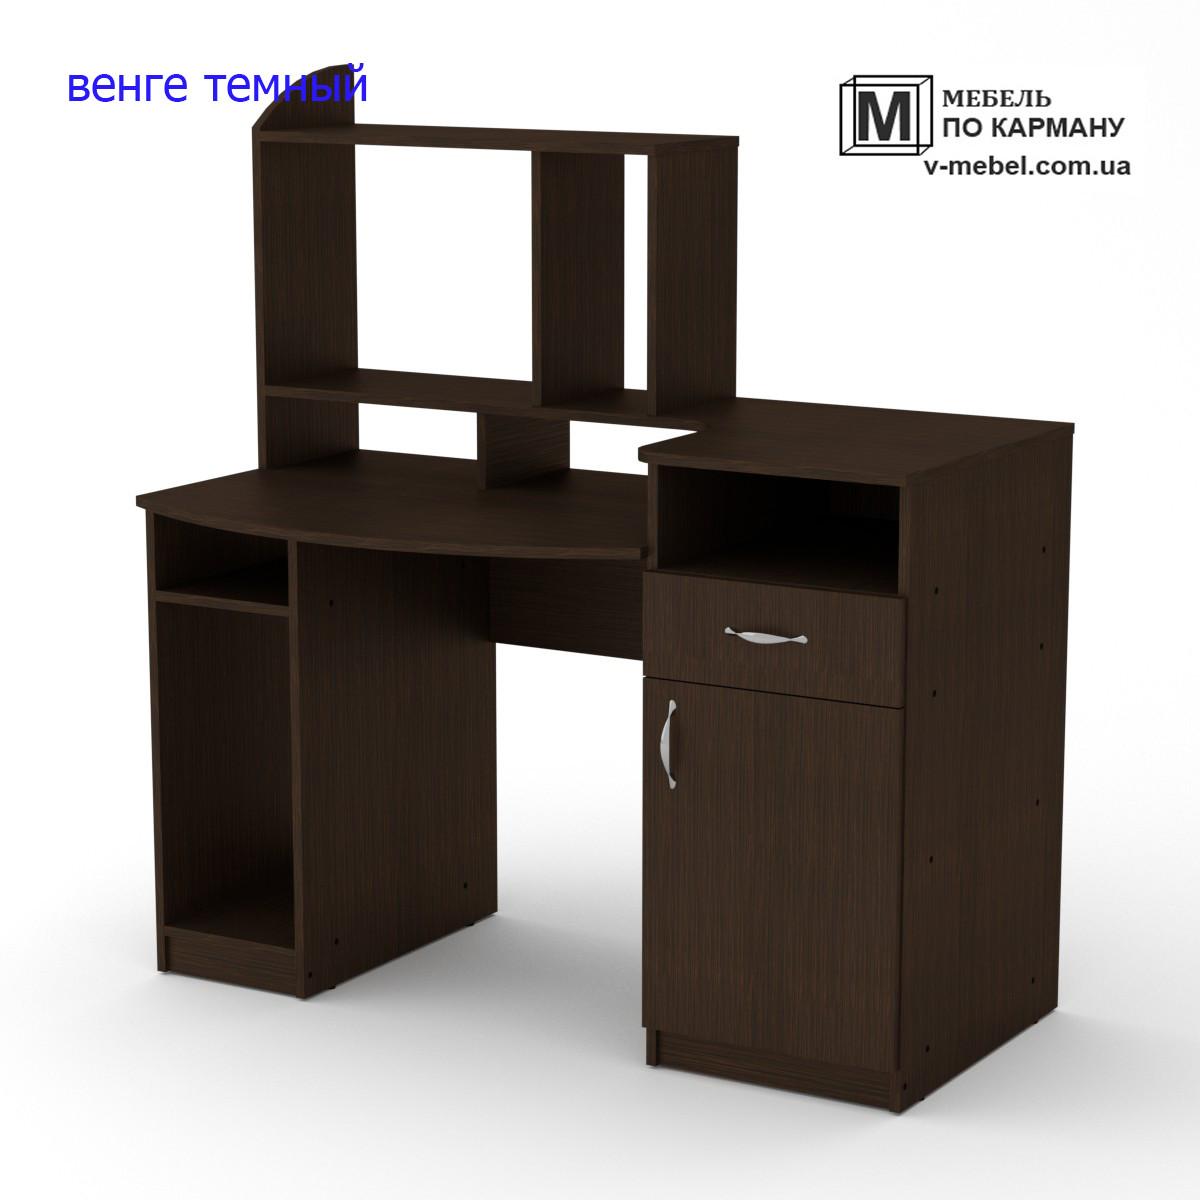 Стол компьютерный с надстройкой Комфорт-2